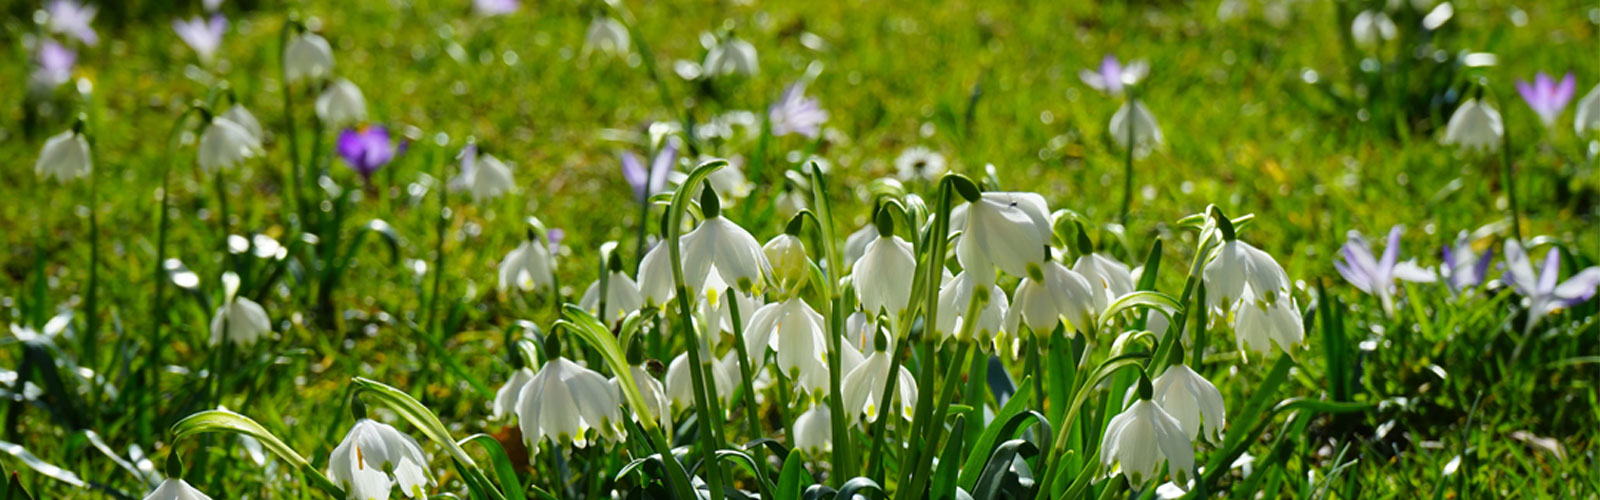 Der Frühling ist da - Ostergeschenk